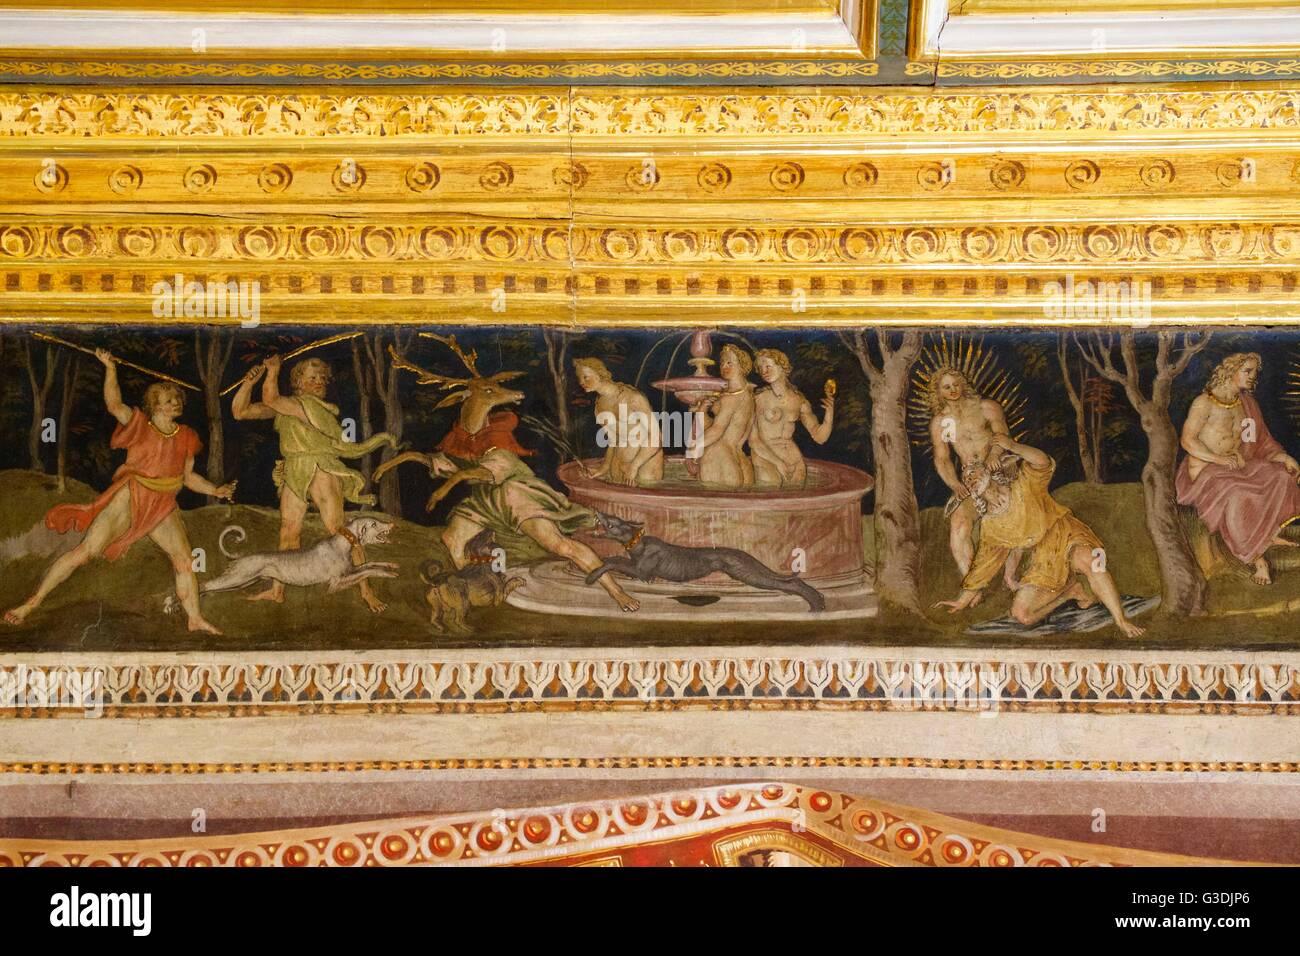 Sala del fregio, da Baldassarre Peruzzi ,Villa Farnesina, Roma, Italia, Europa Immagini Stock